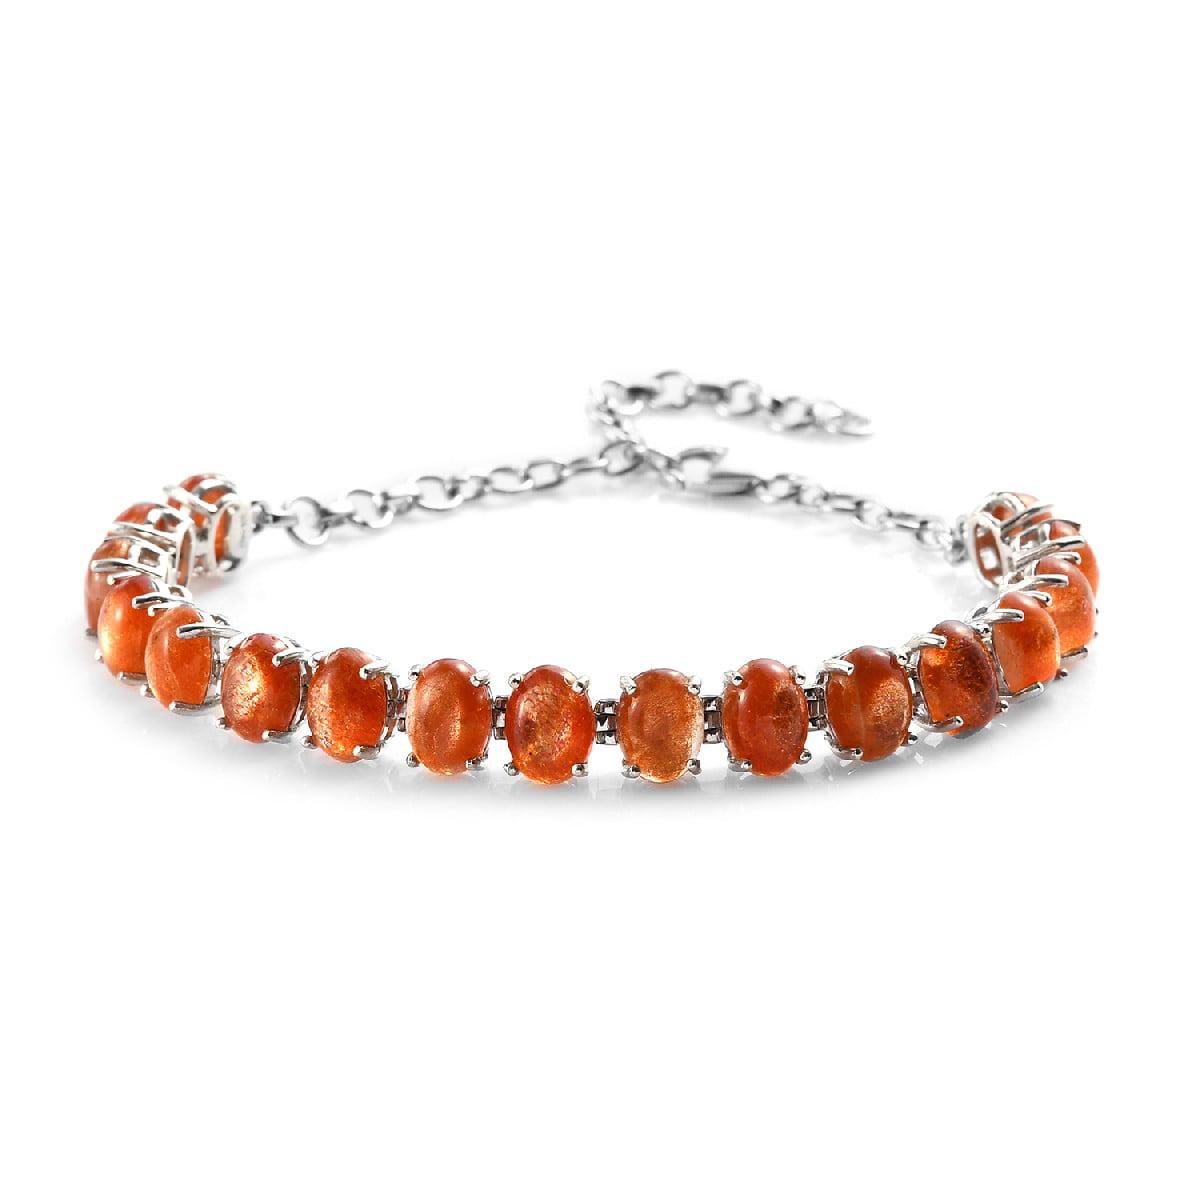 Feldspar Beaded Bracelet Gift Idea Gift For Her Mother/'s Day Birthday